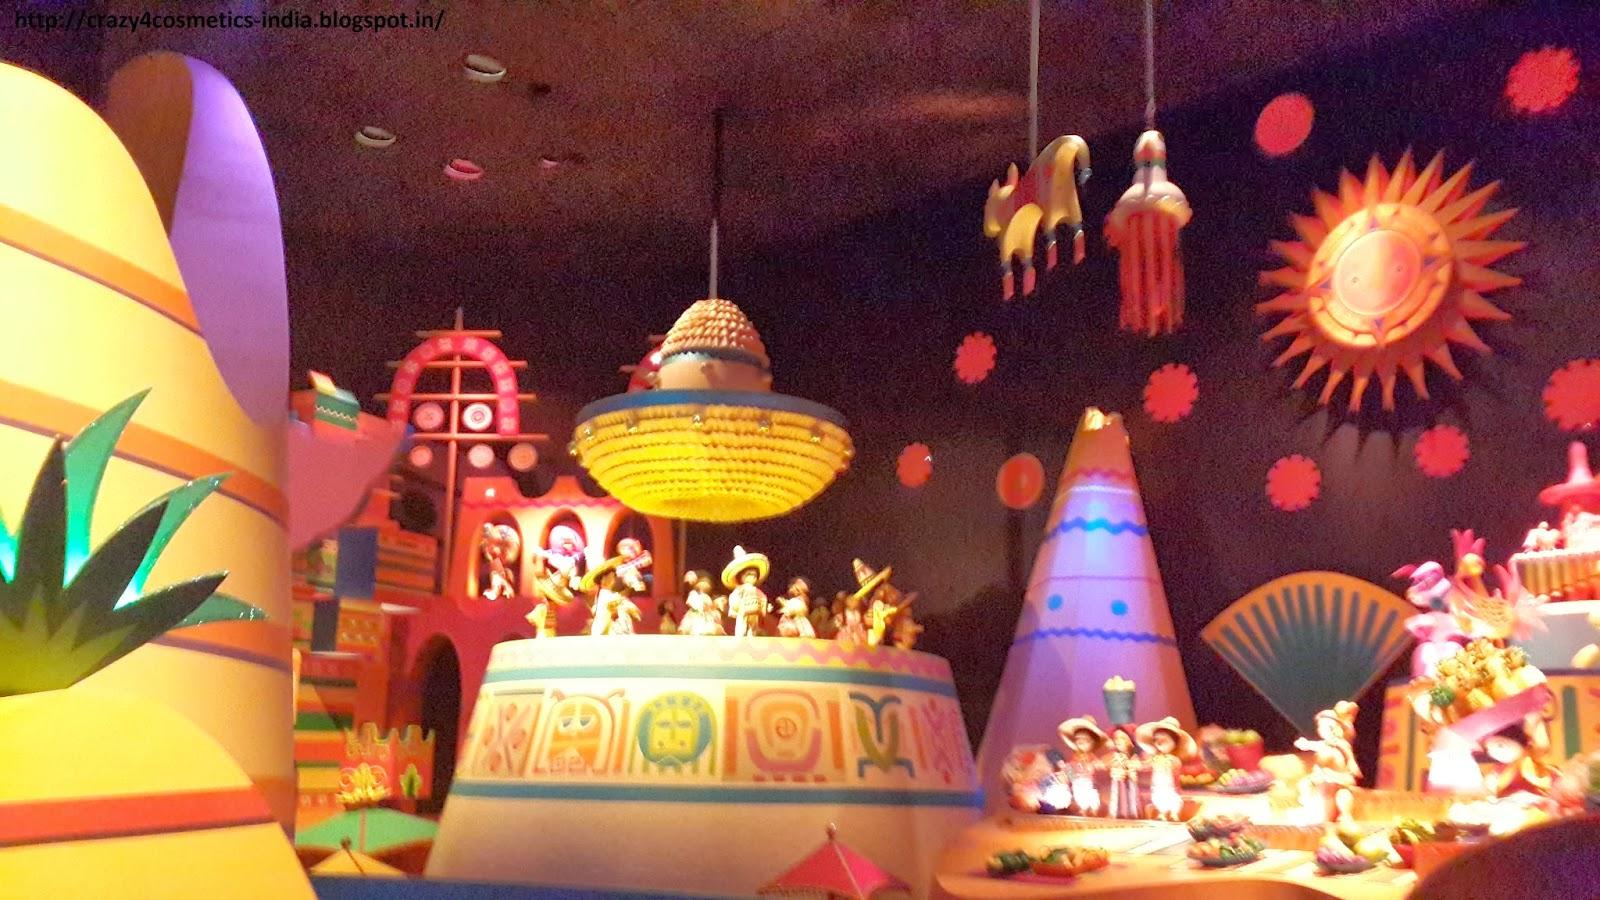 Hongkong Disneyland Rides- Hongkong Disneyland Tour- Hongkong Disneyland Its a Small World RIde